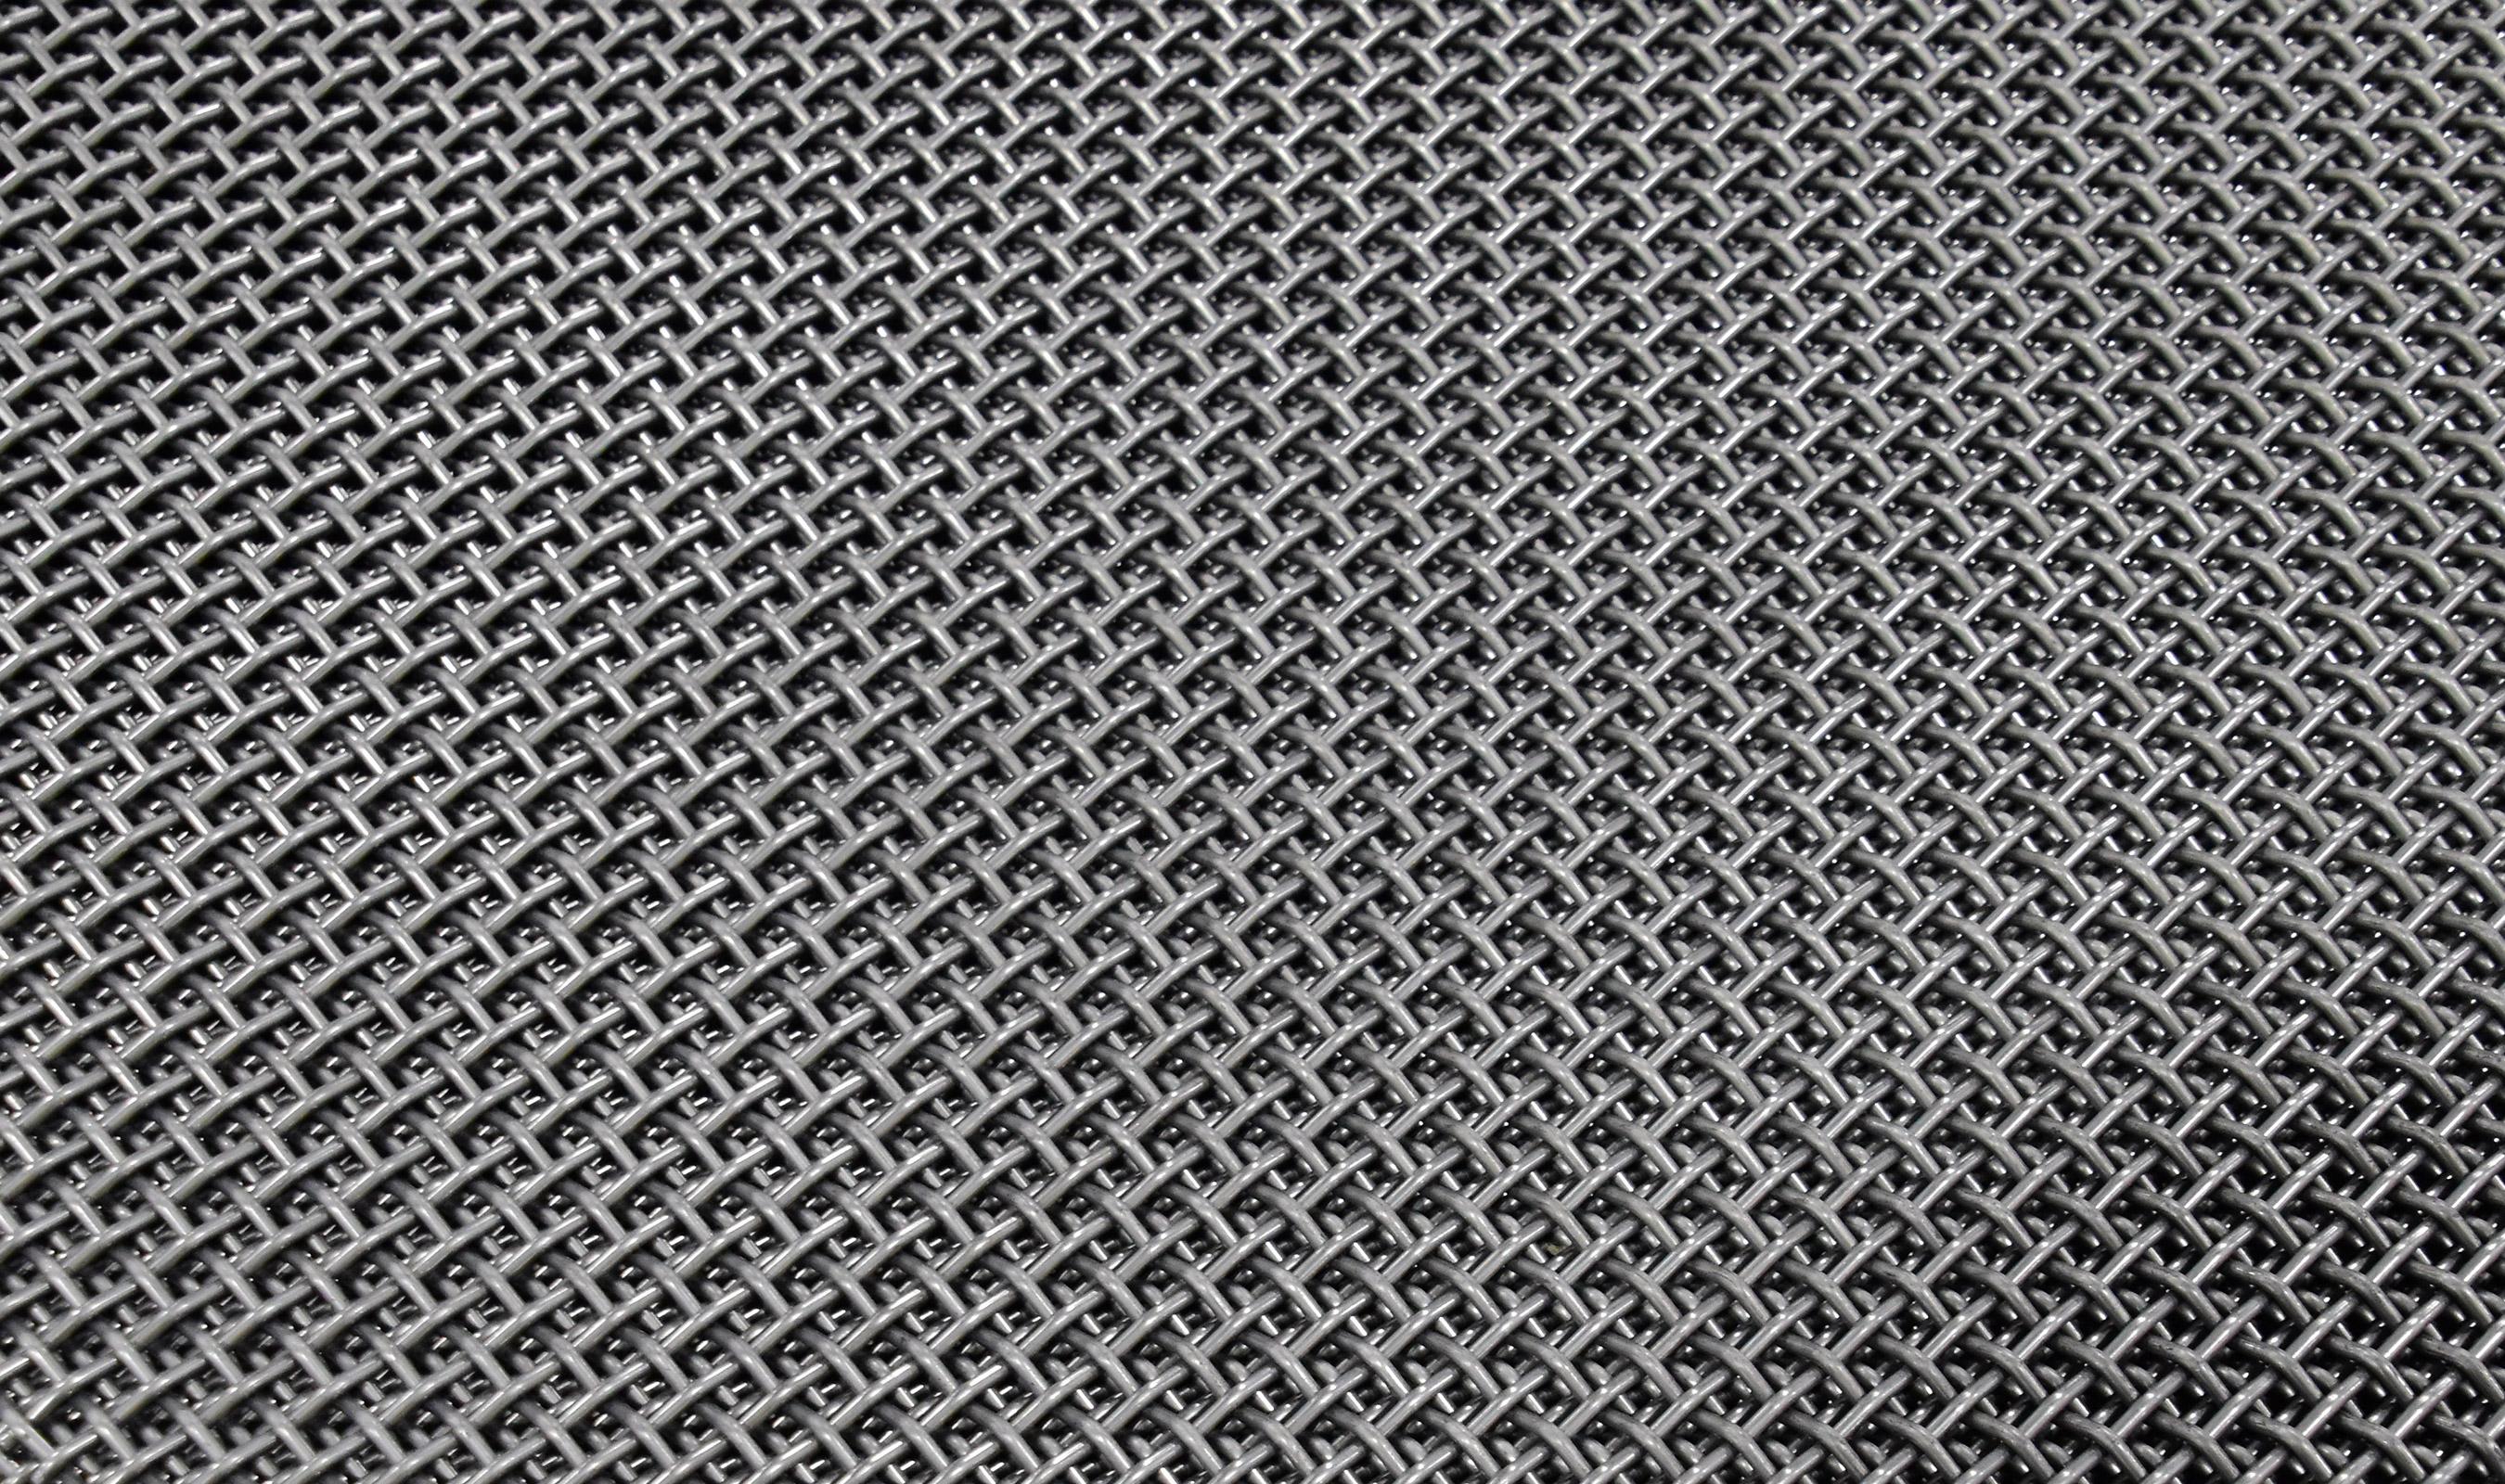 P-33 woven wire mesh in plain steel